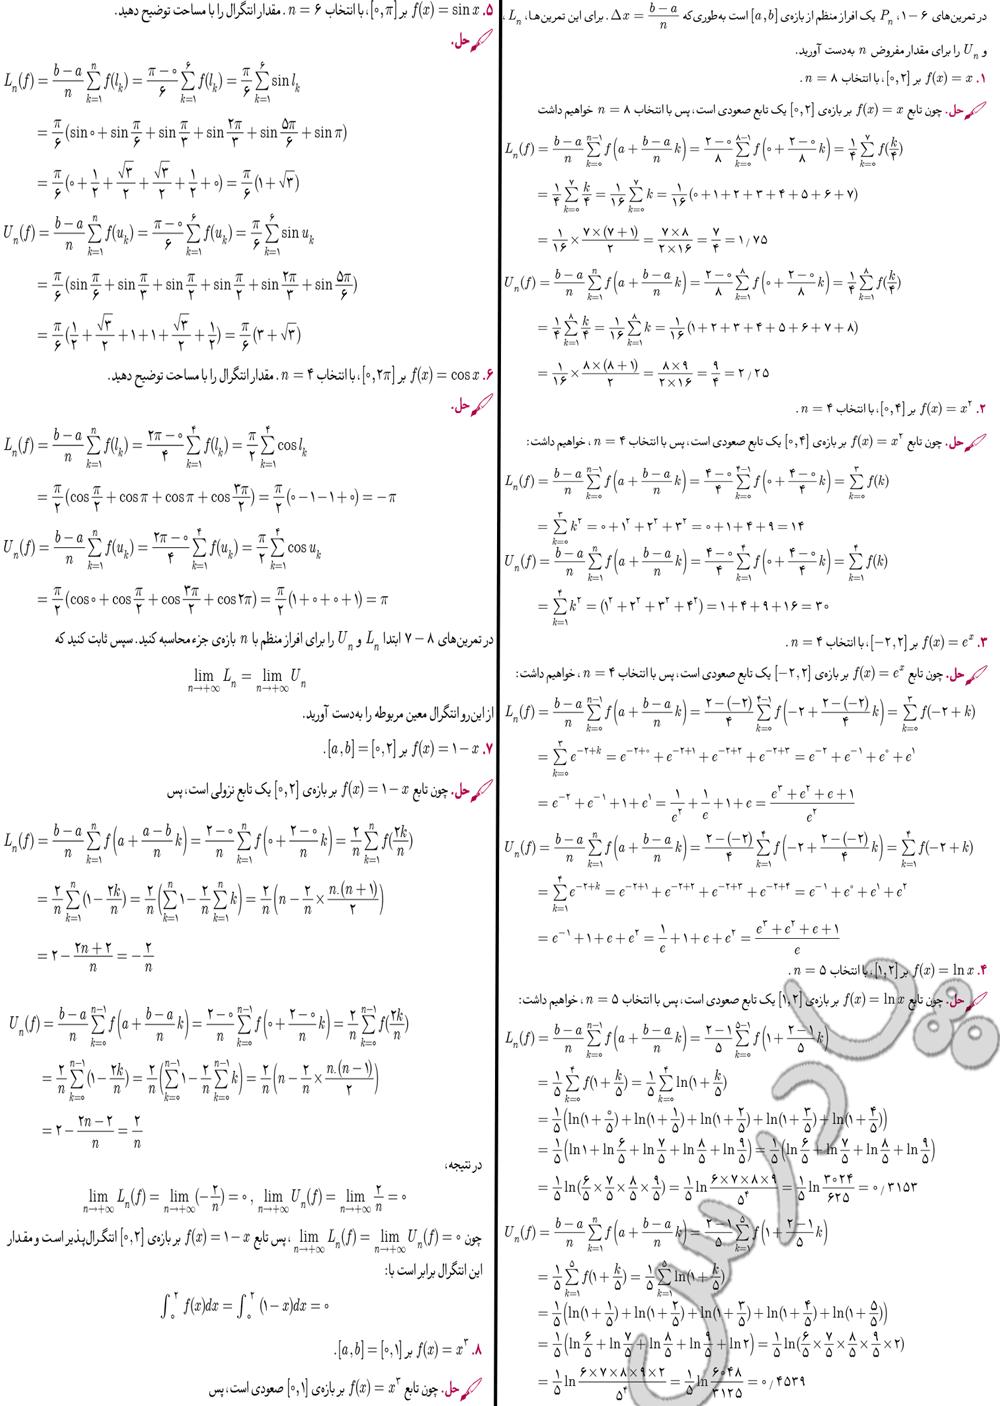 حل مسائل صفحه 238 دیفرانسیل پیش دانشگاهی